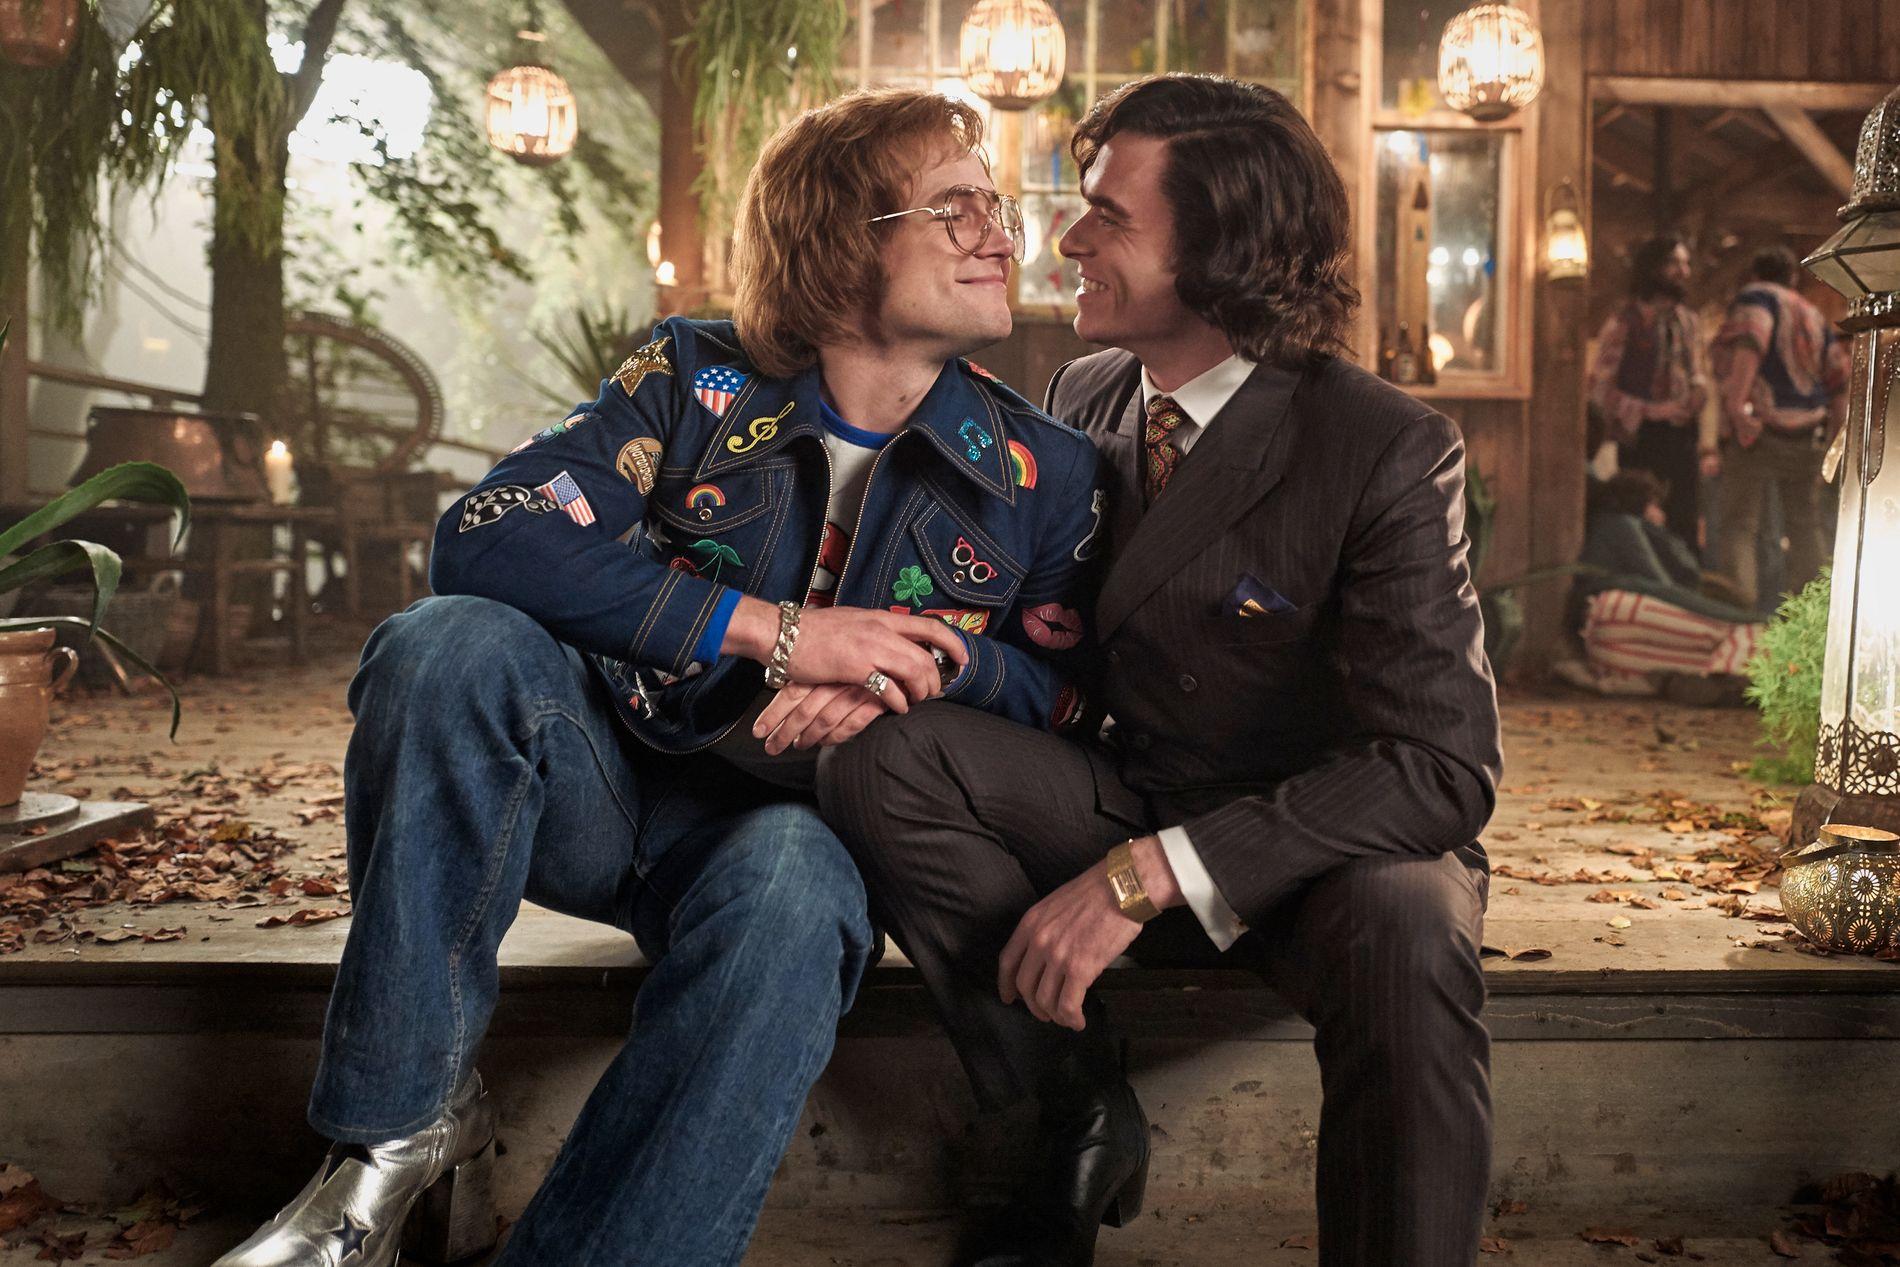 KJÆRLIG: Taron Egerton og Richard Madden i rollene som Elton og John.